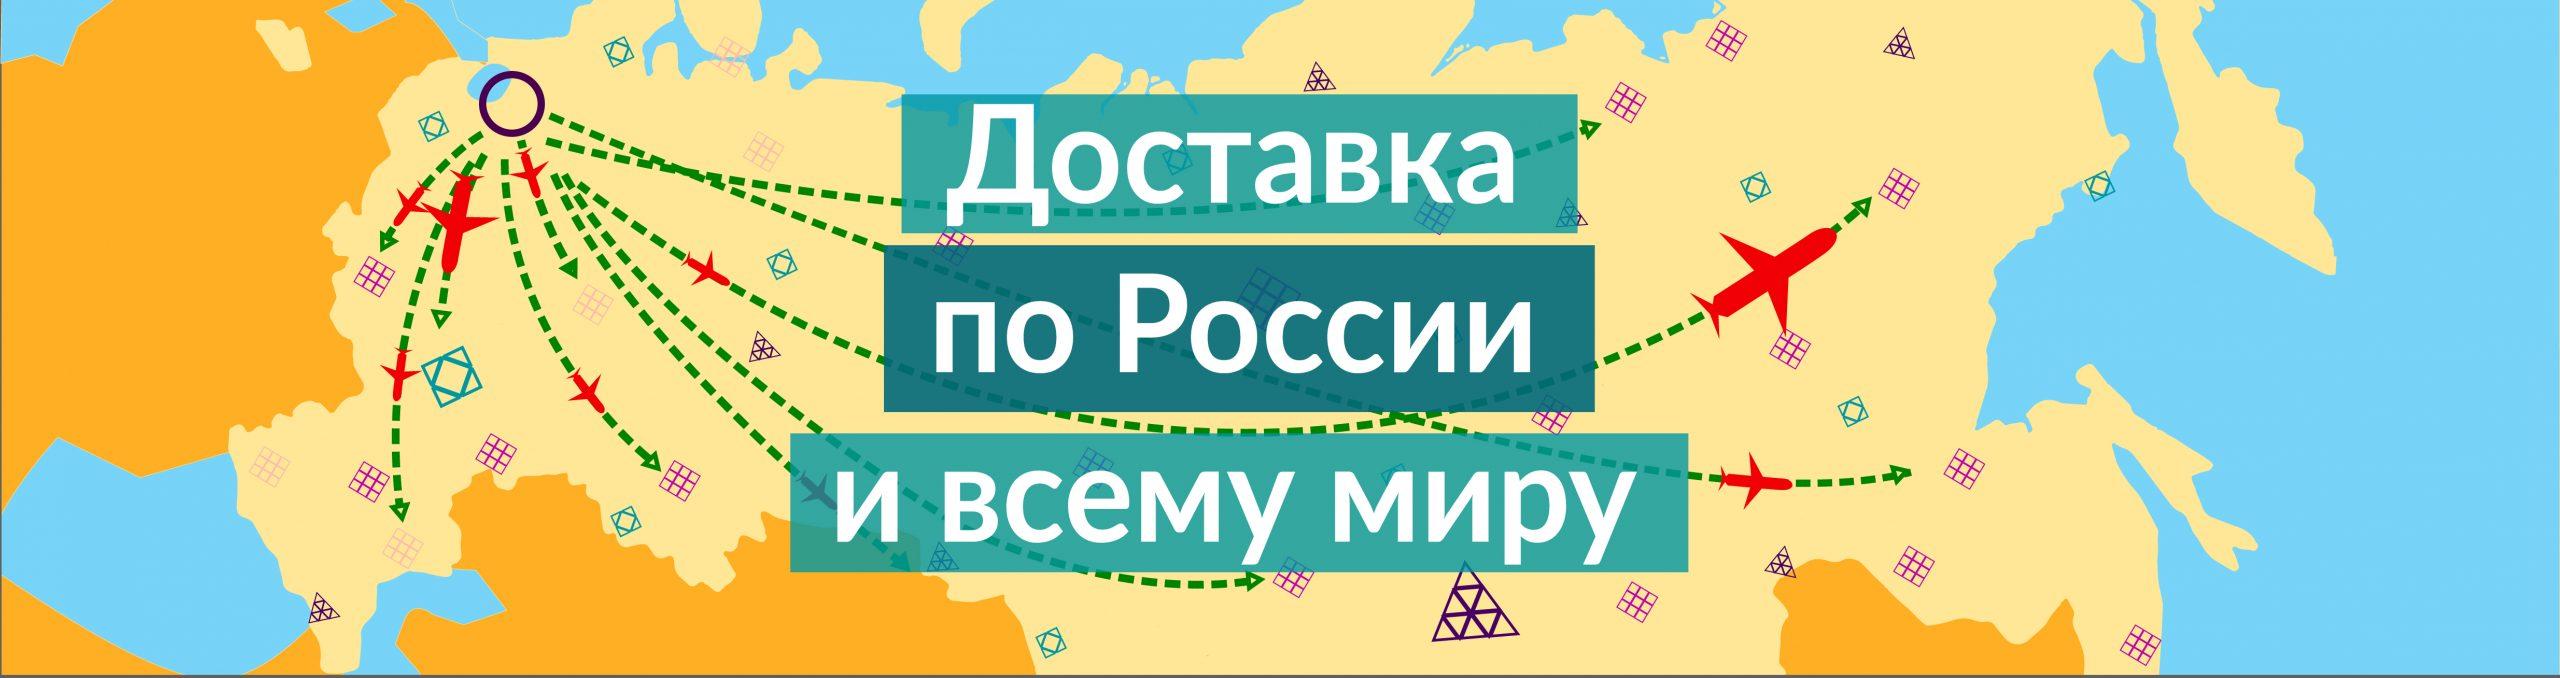 Доставка товаров из России